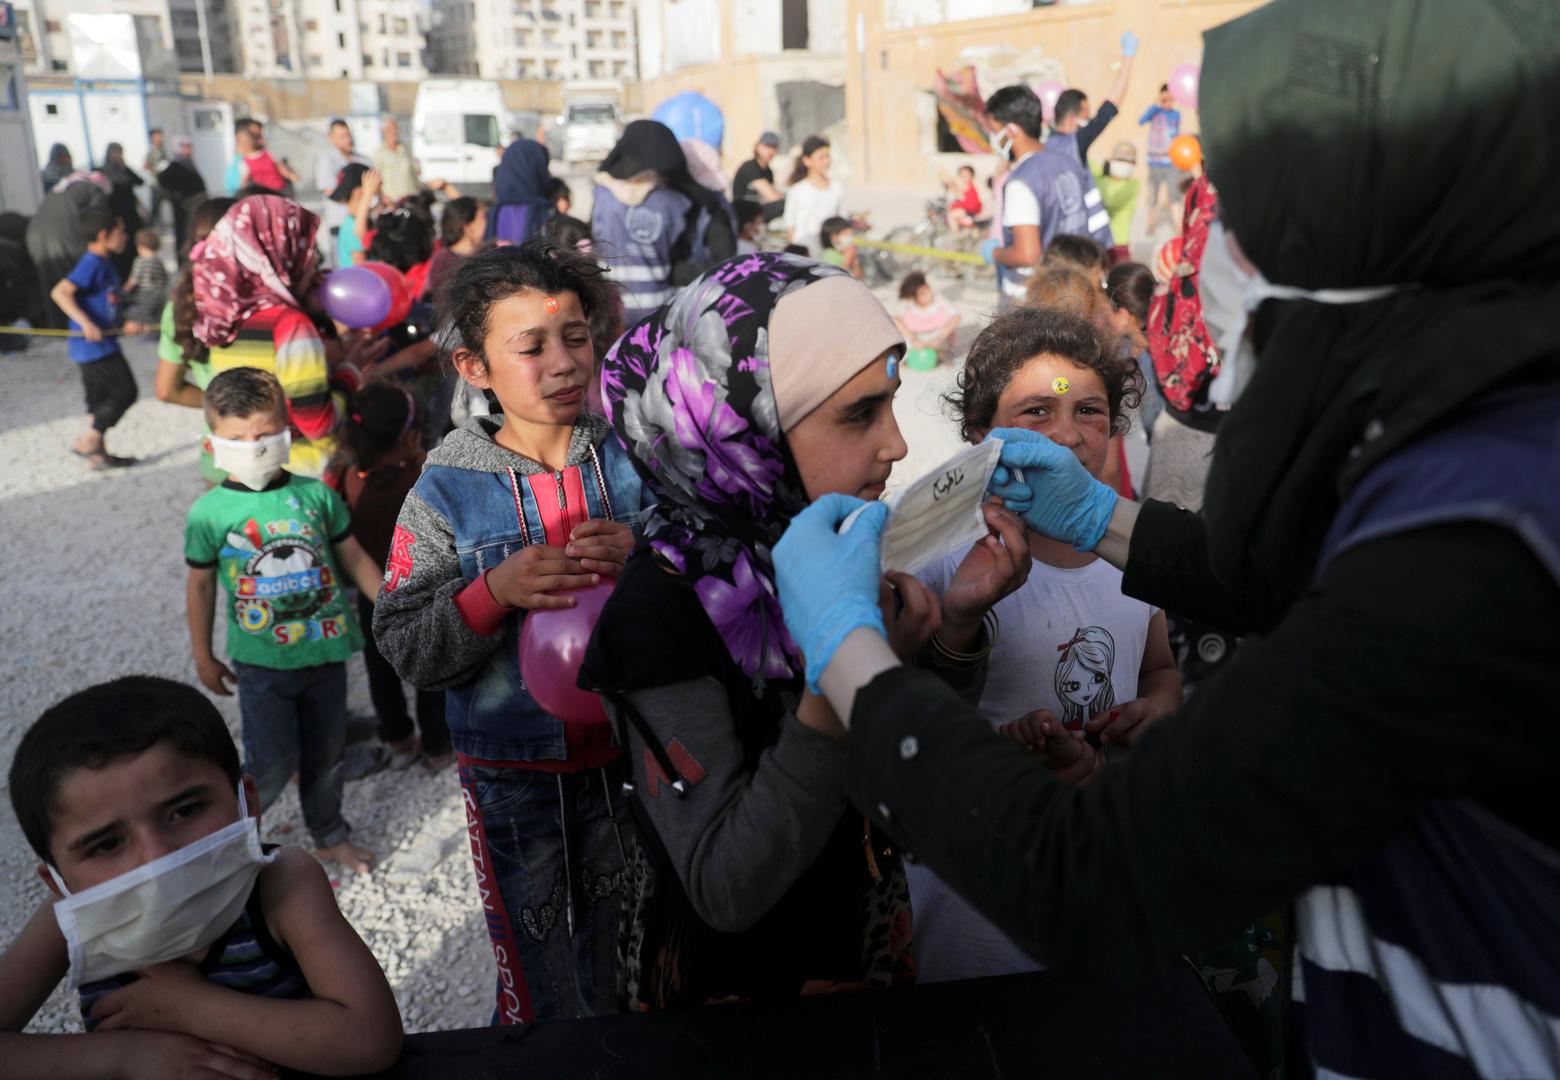 سوريا.. تسجيل أعلى معدلات بالإصابات والوفيات اليومية بكورونا